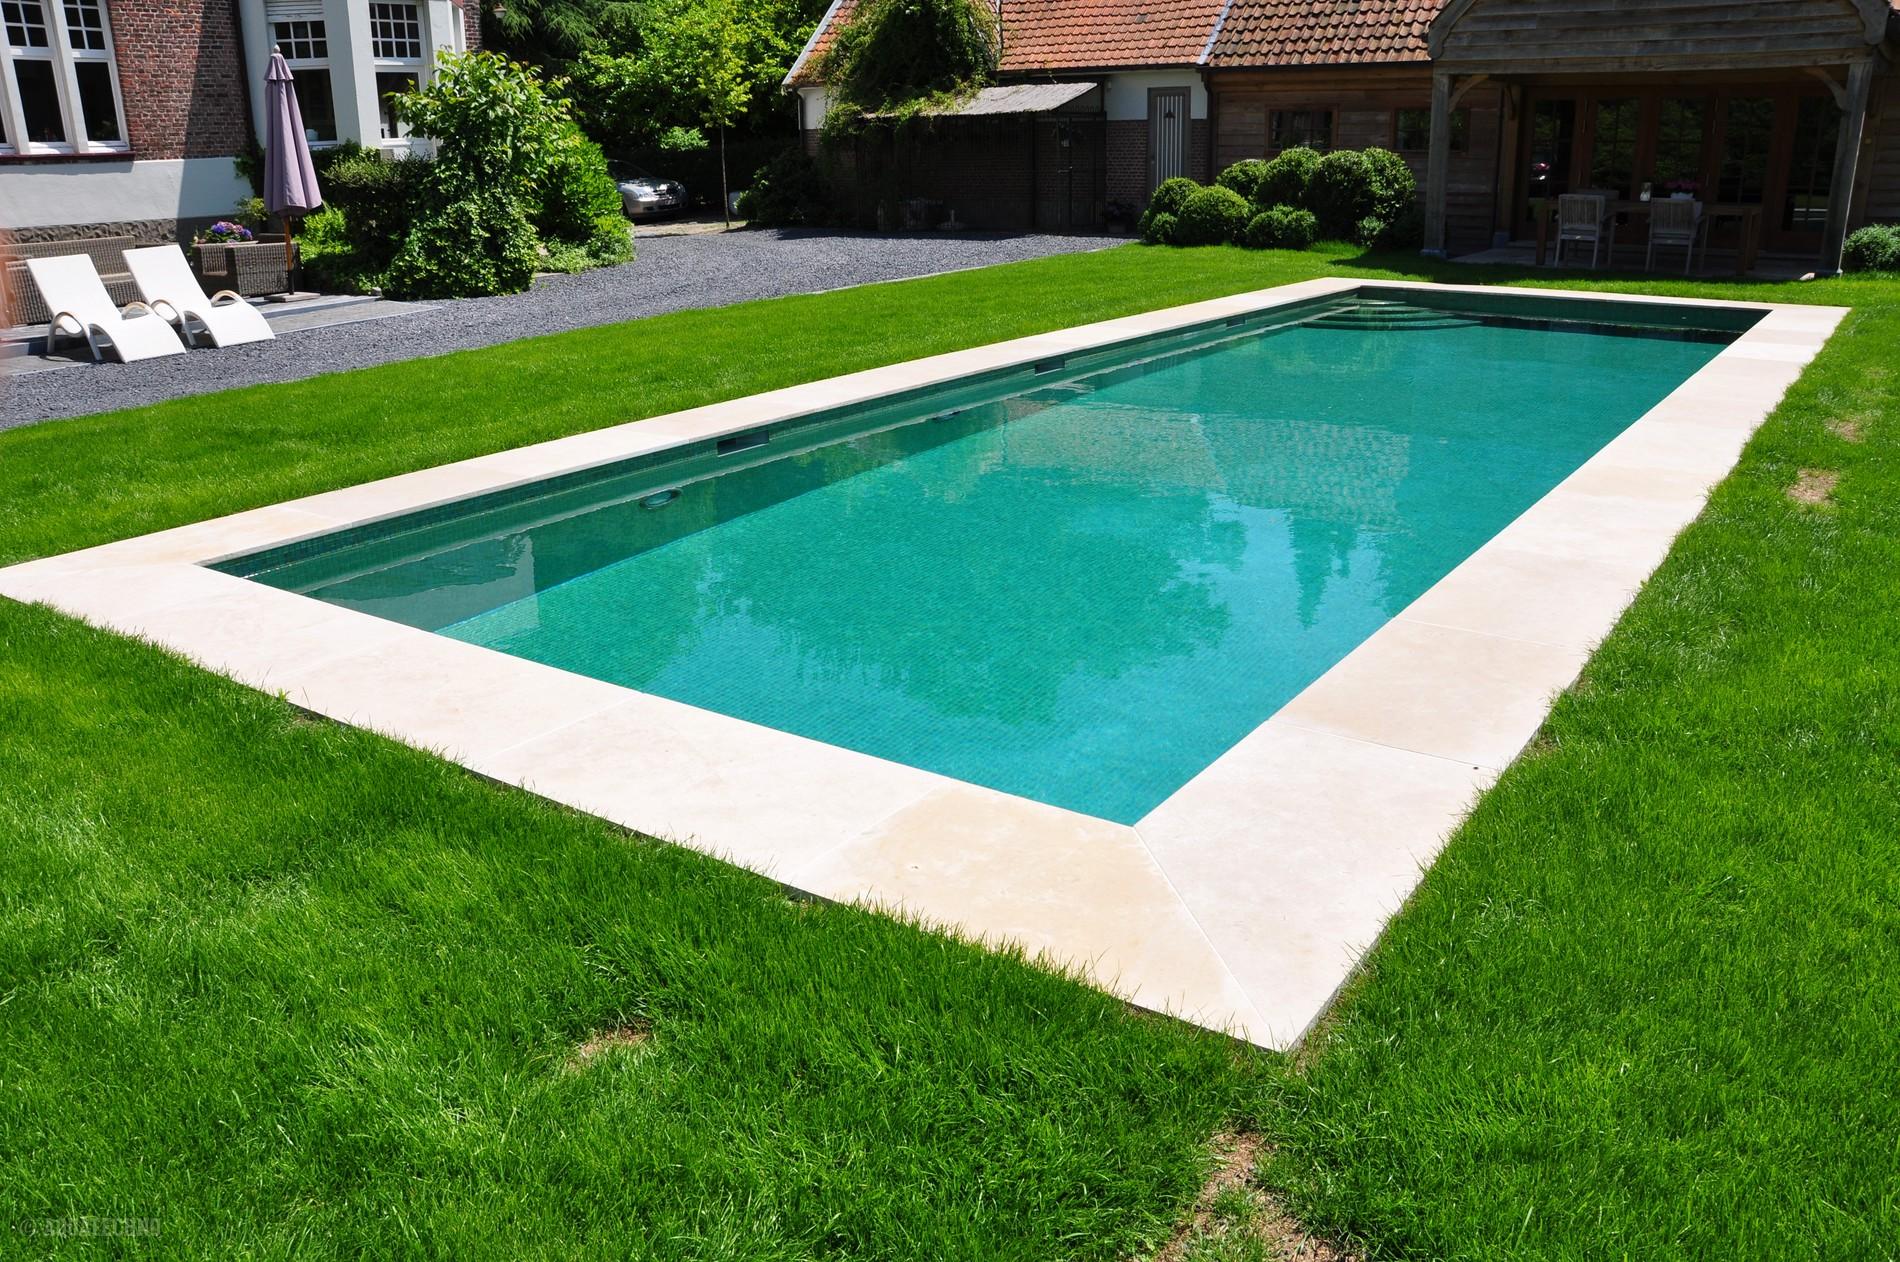 Lekker relaxen in mijn inbouw zwembad huis en tuin blog for Inbouw zwembad compleet